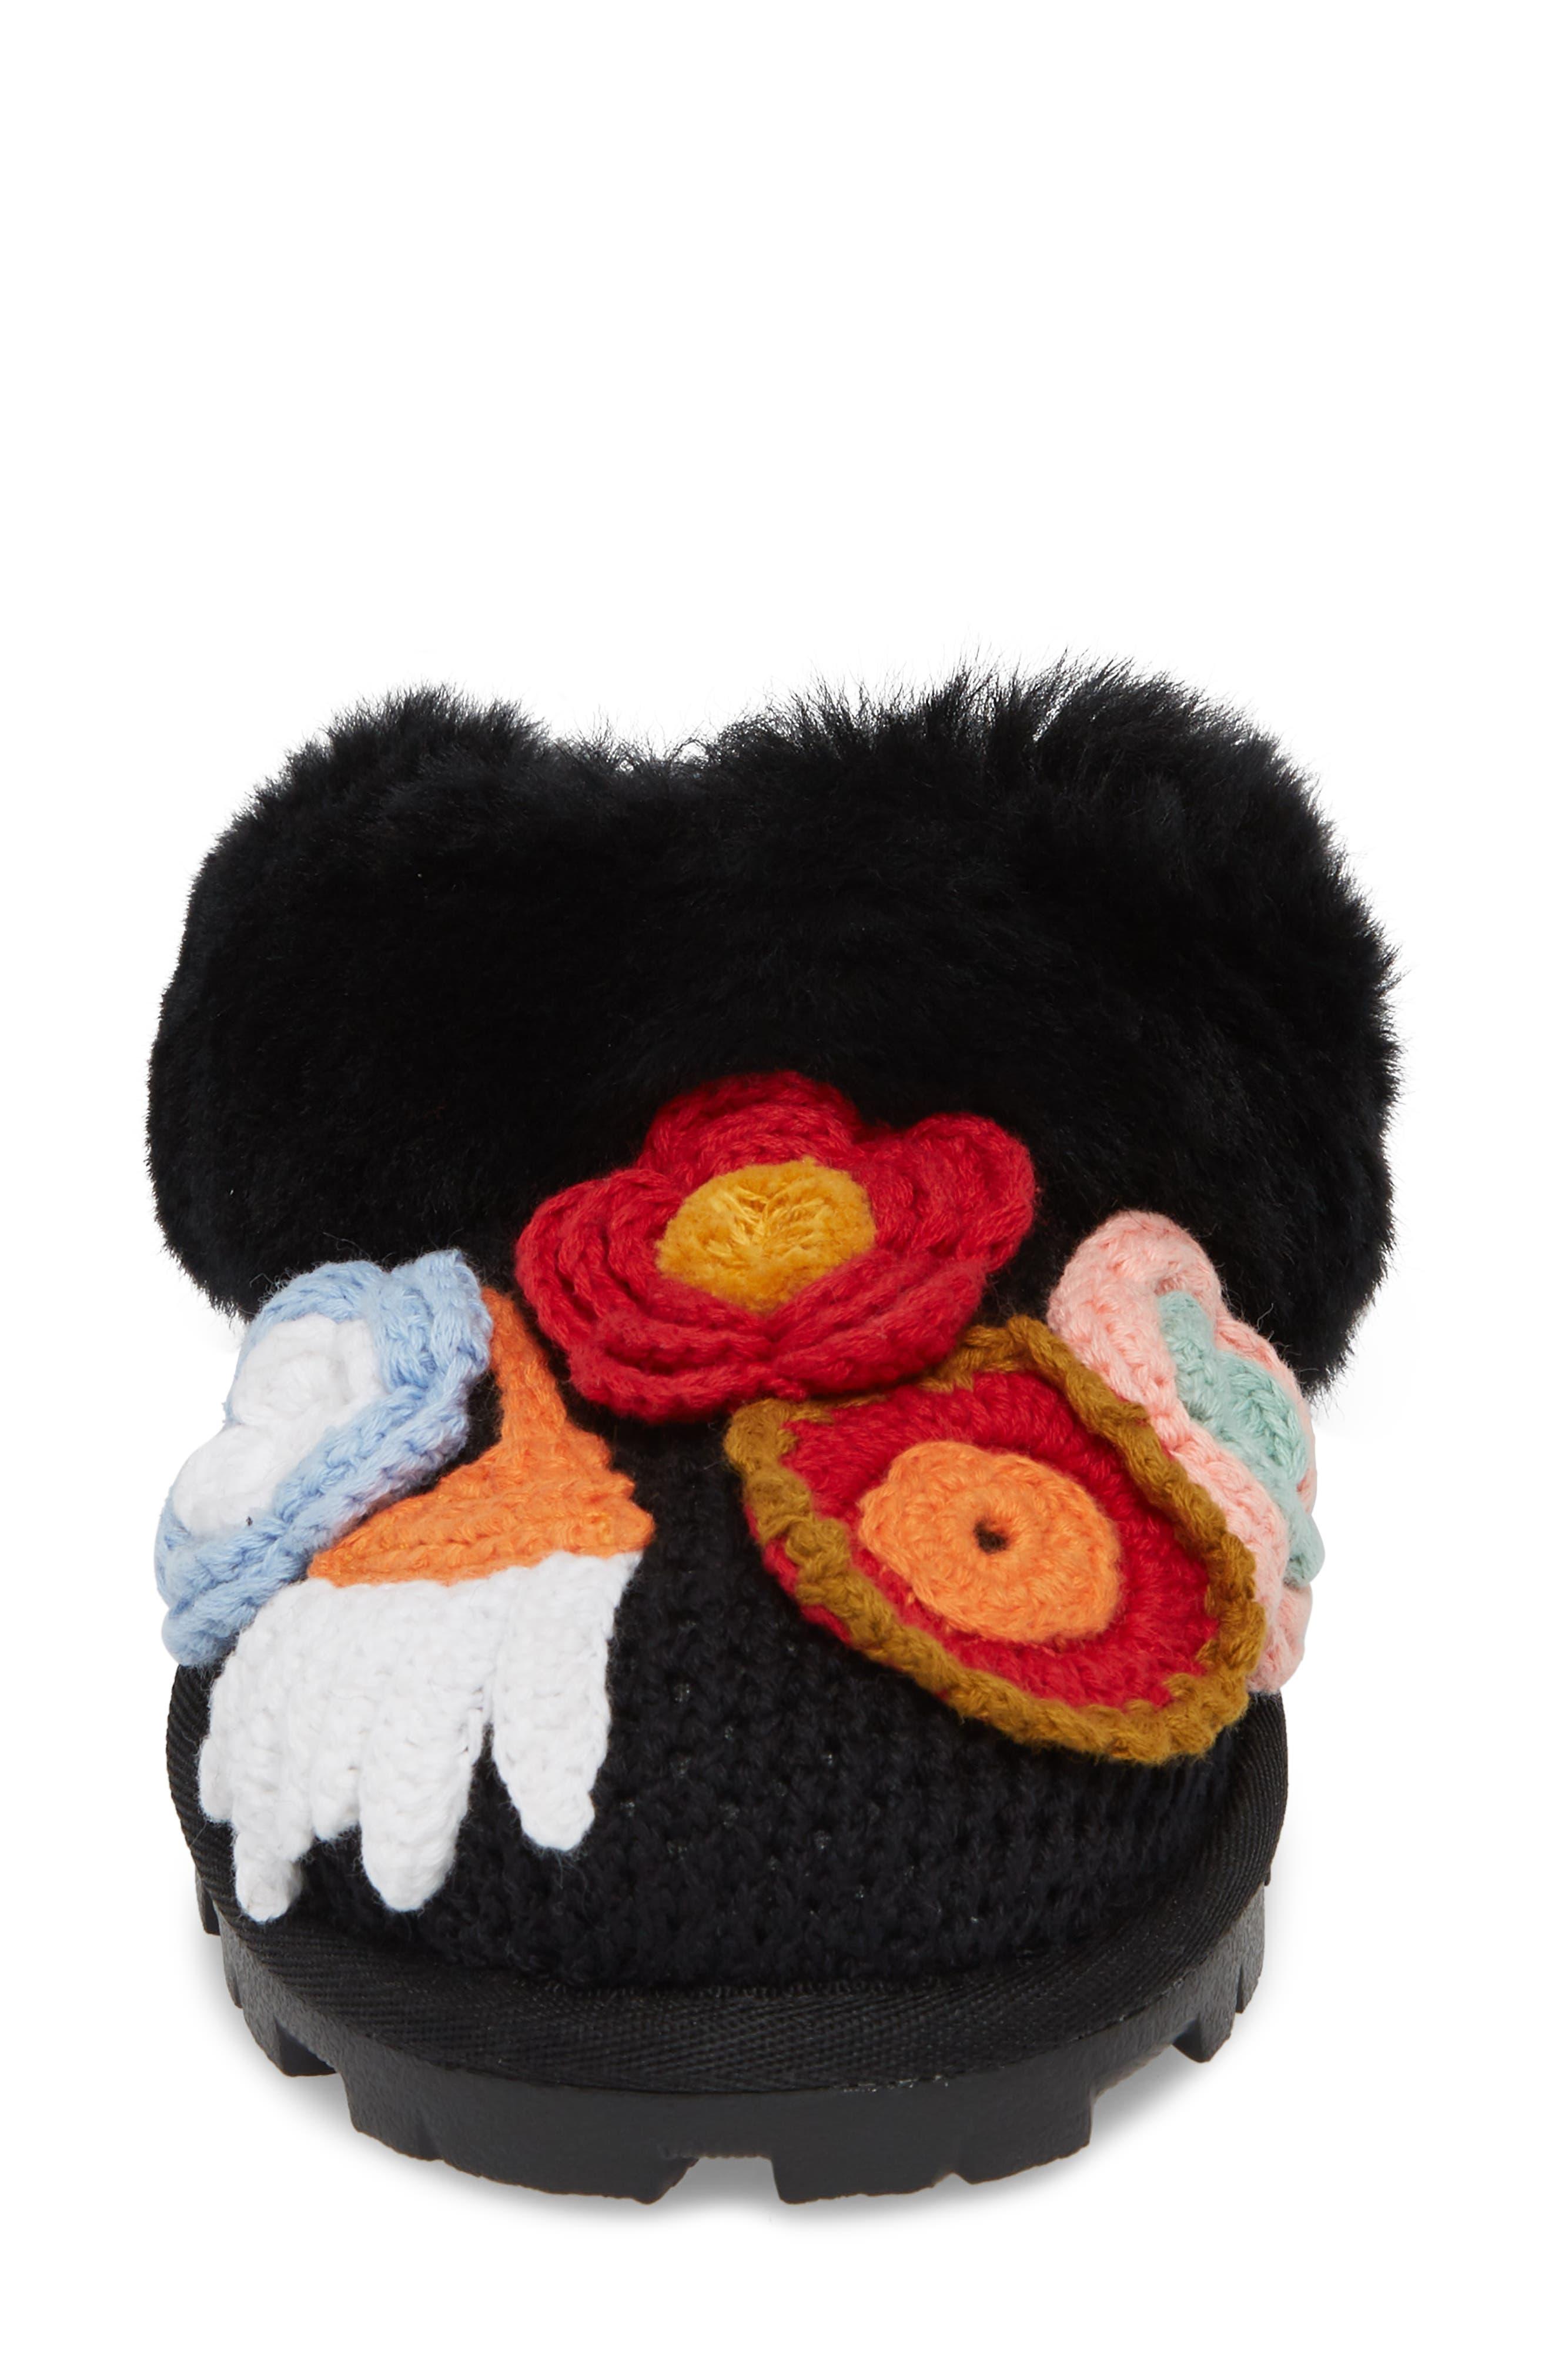 Crochet Genuine Shearling Slipper,                             Alternate thumbnail 4, color,                             Black